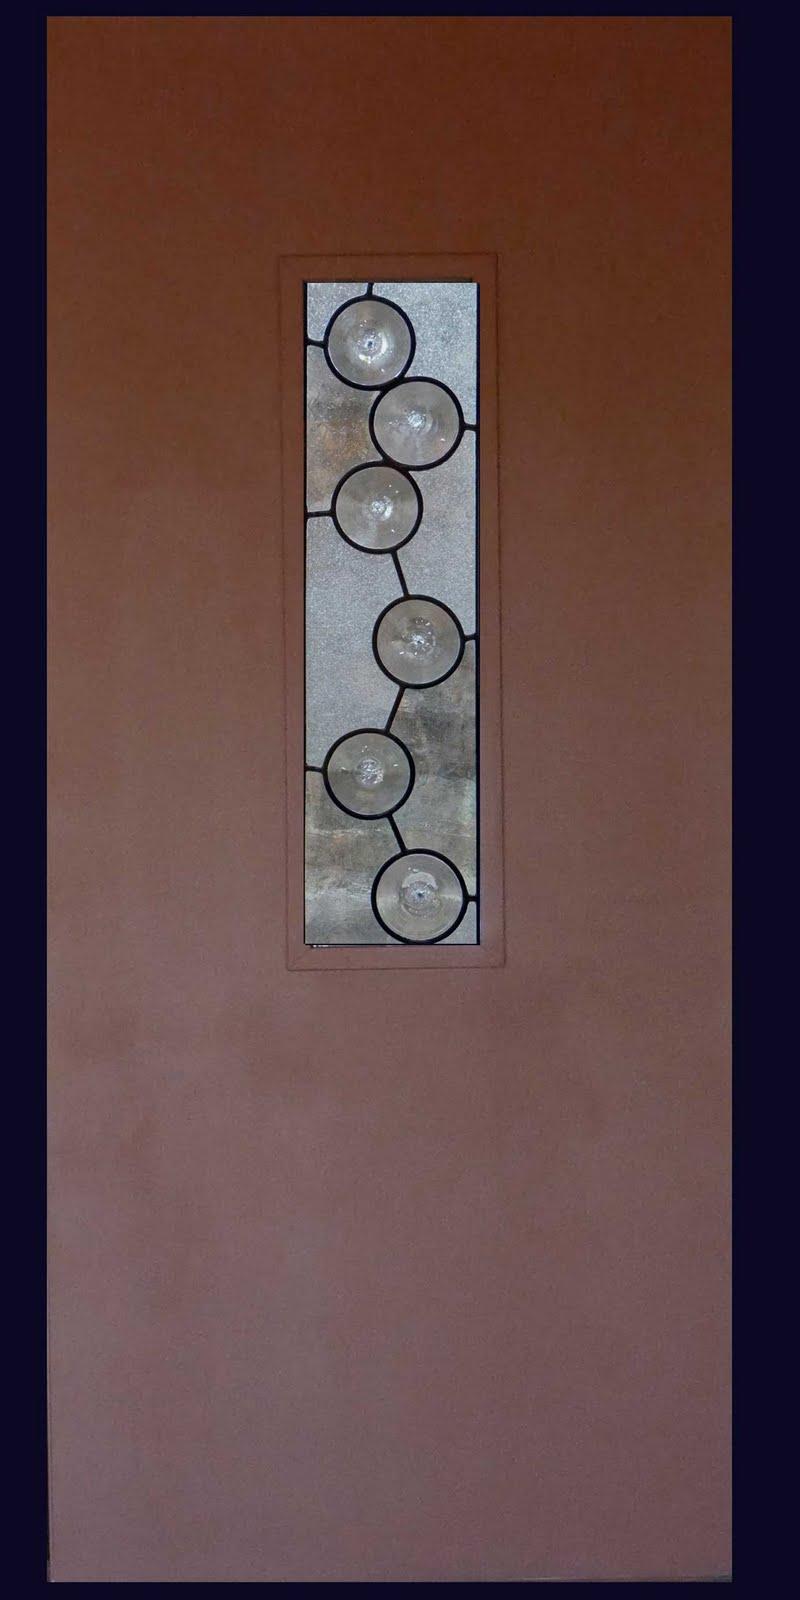 kuhl doors how to install glass insert into door